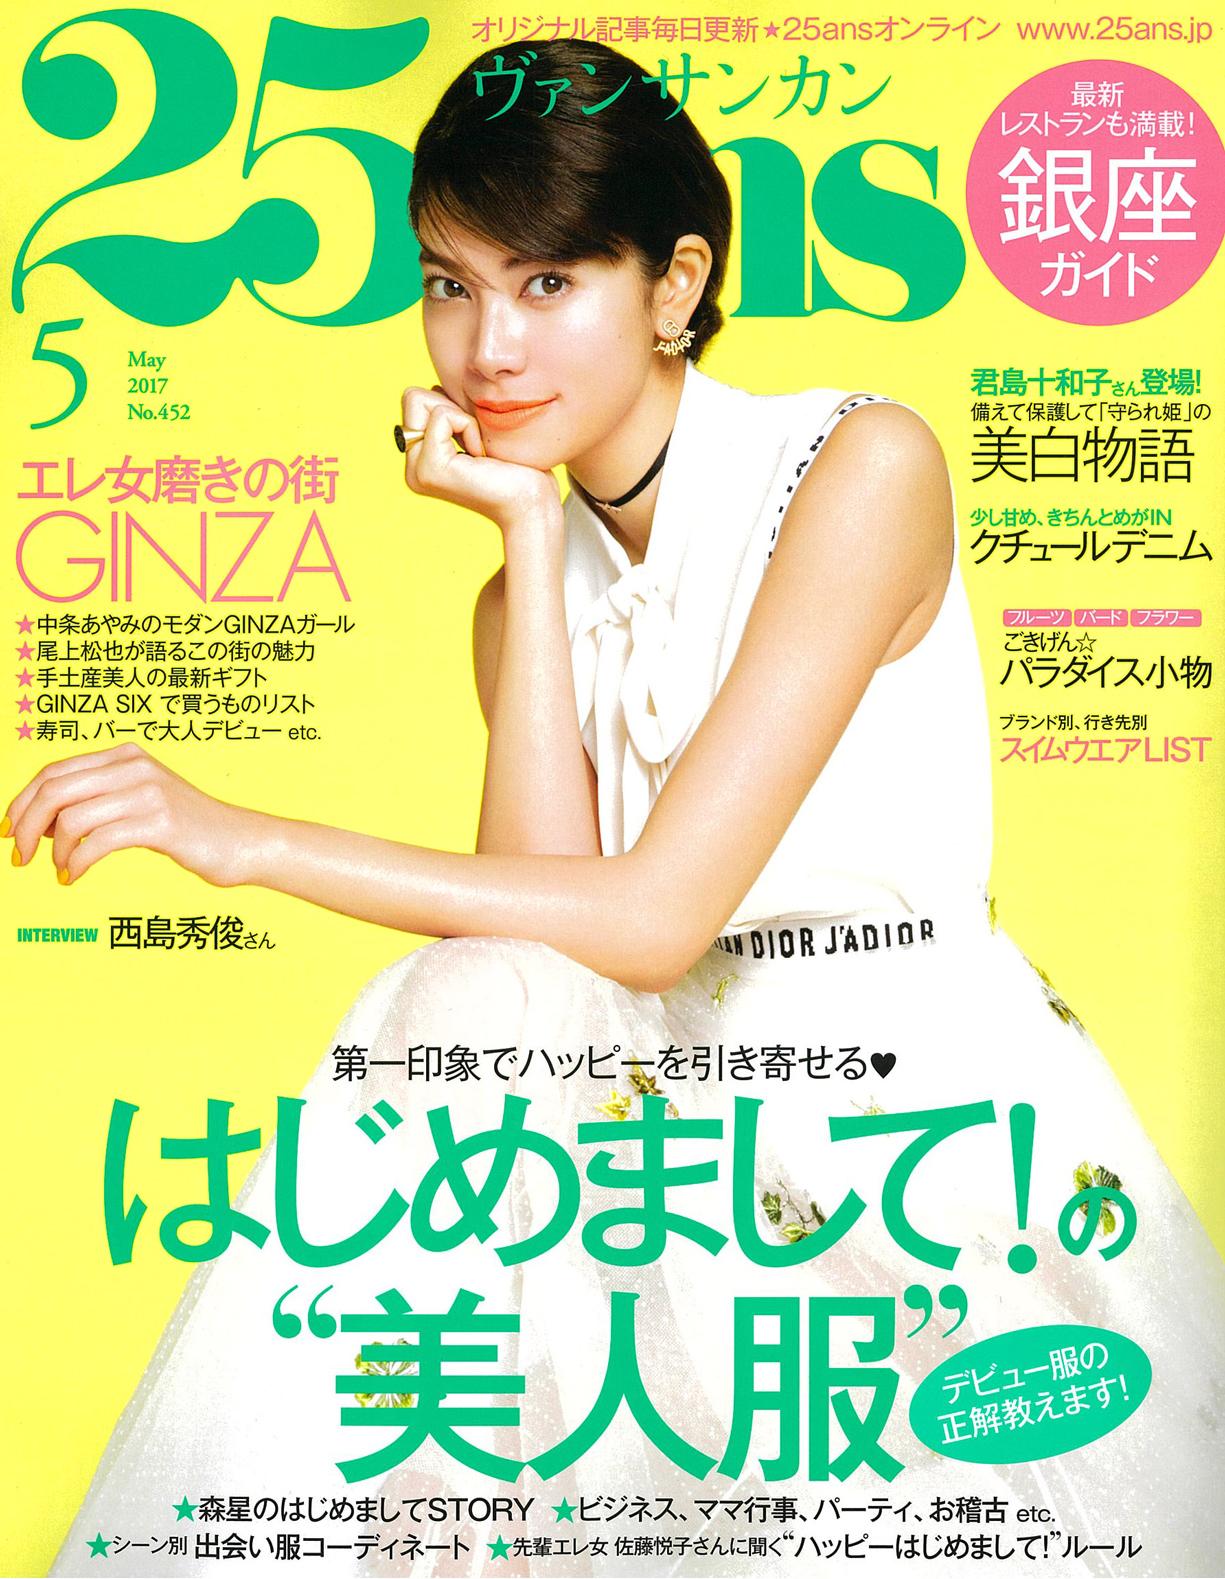 25ans_2017_5月号_表紙